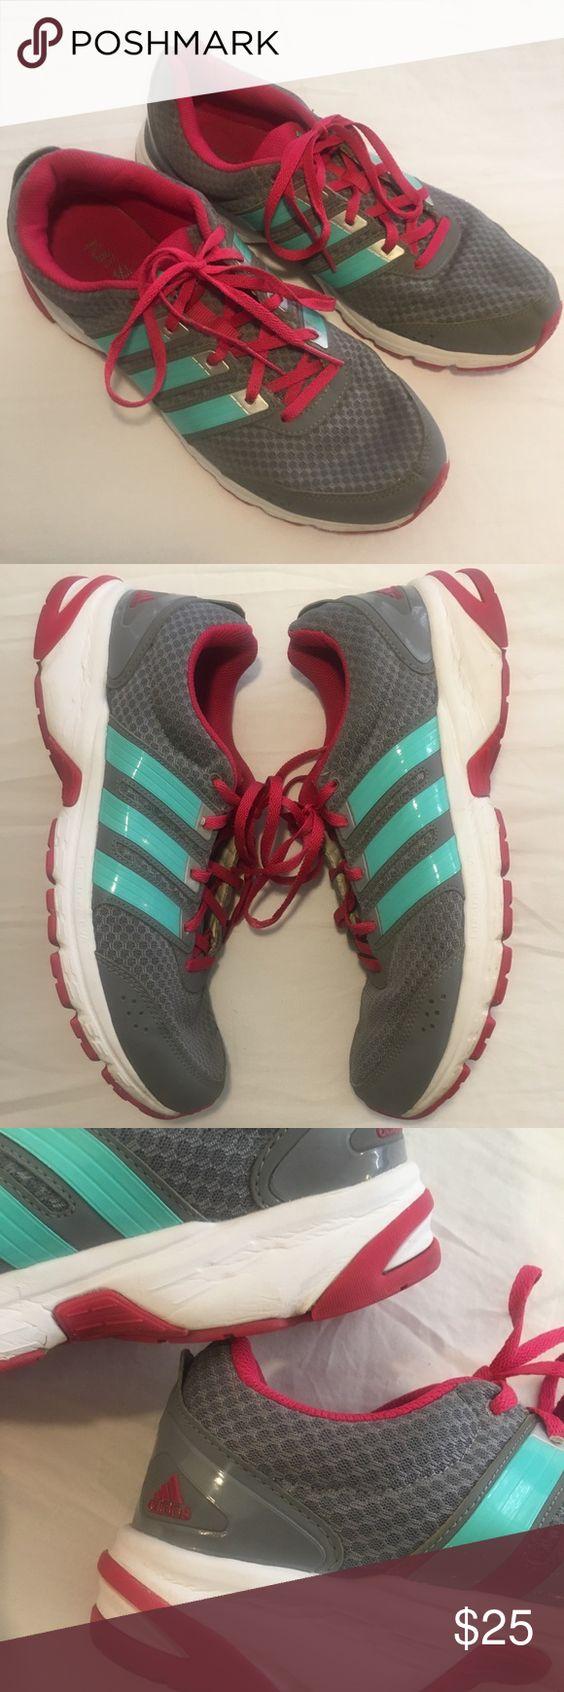 carro Al frente Prematuro  Adidas Litestrike EVA Running Shoes   Shoes, Adidas running shoes, Clothes  design